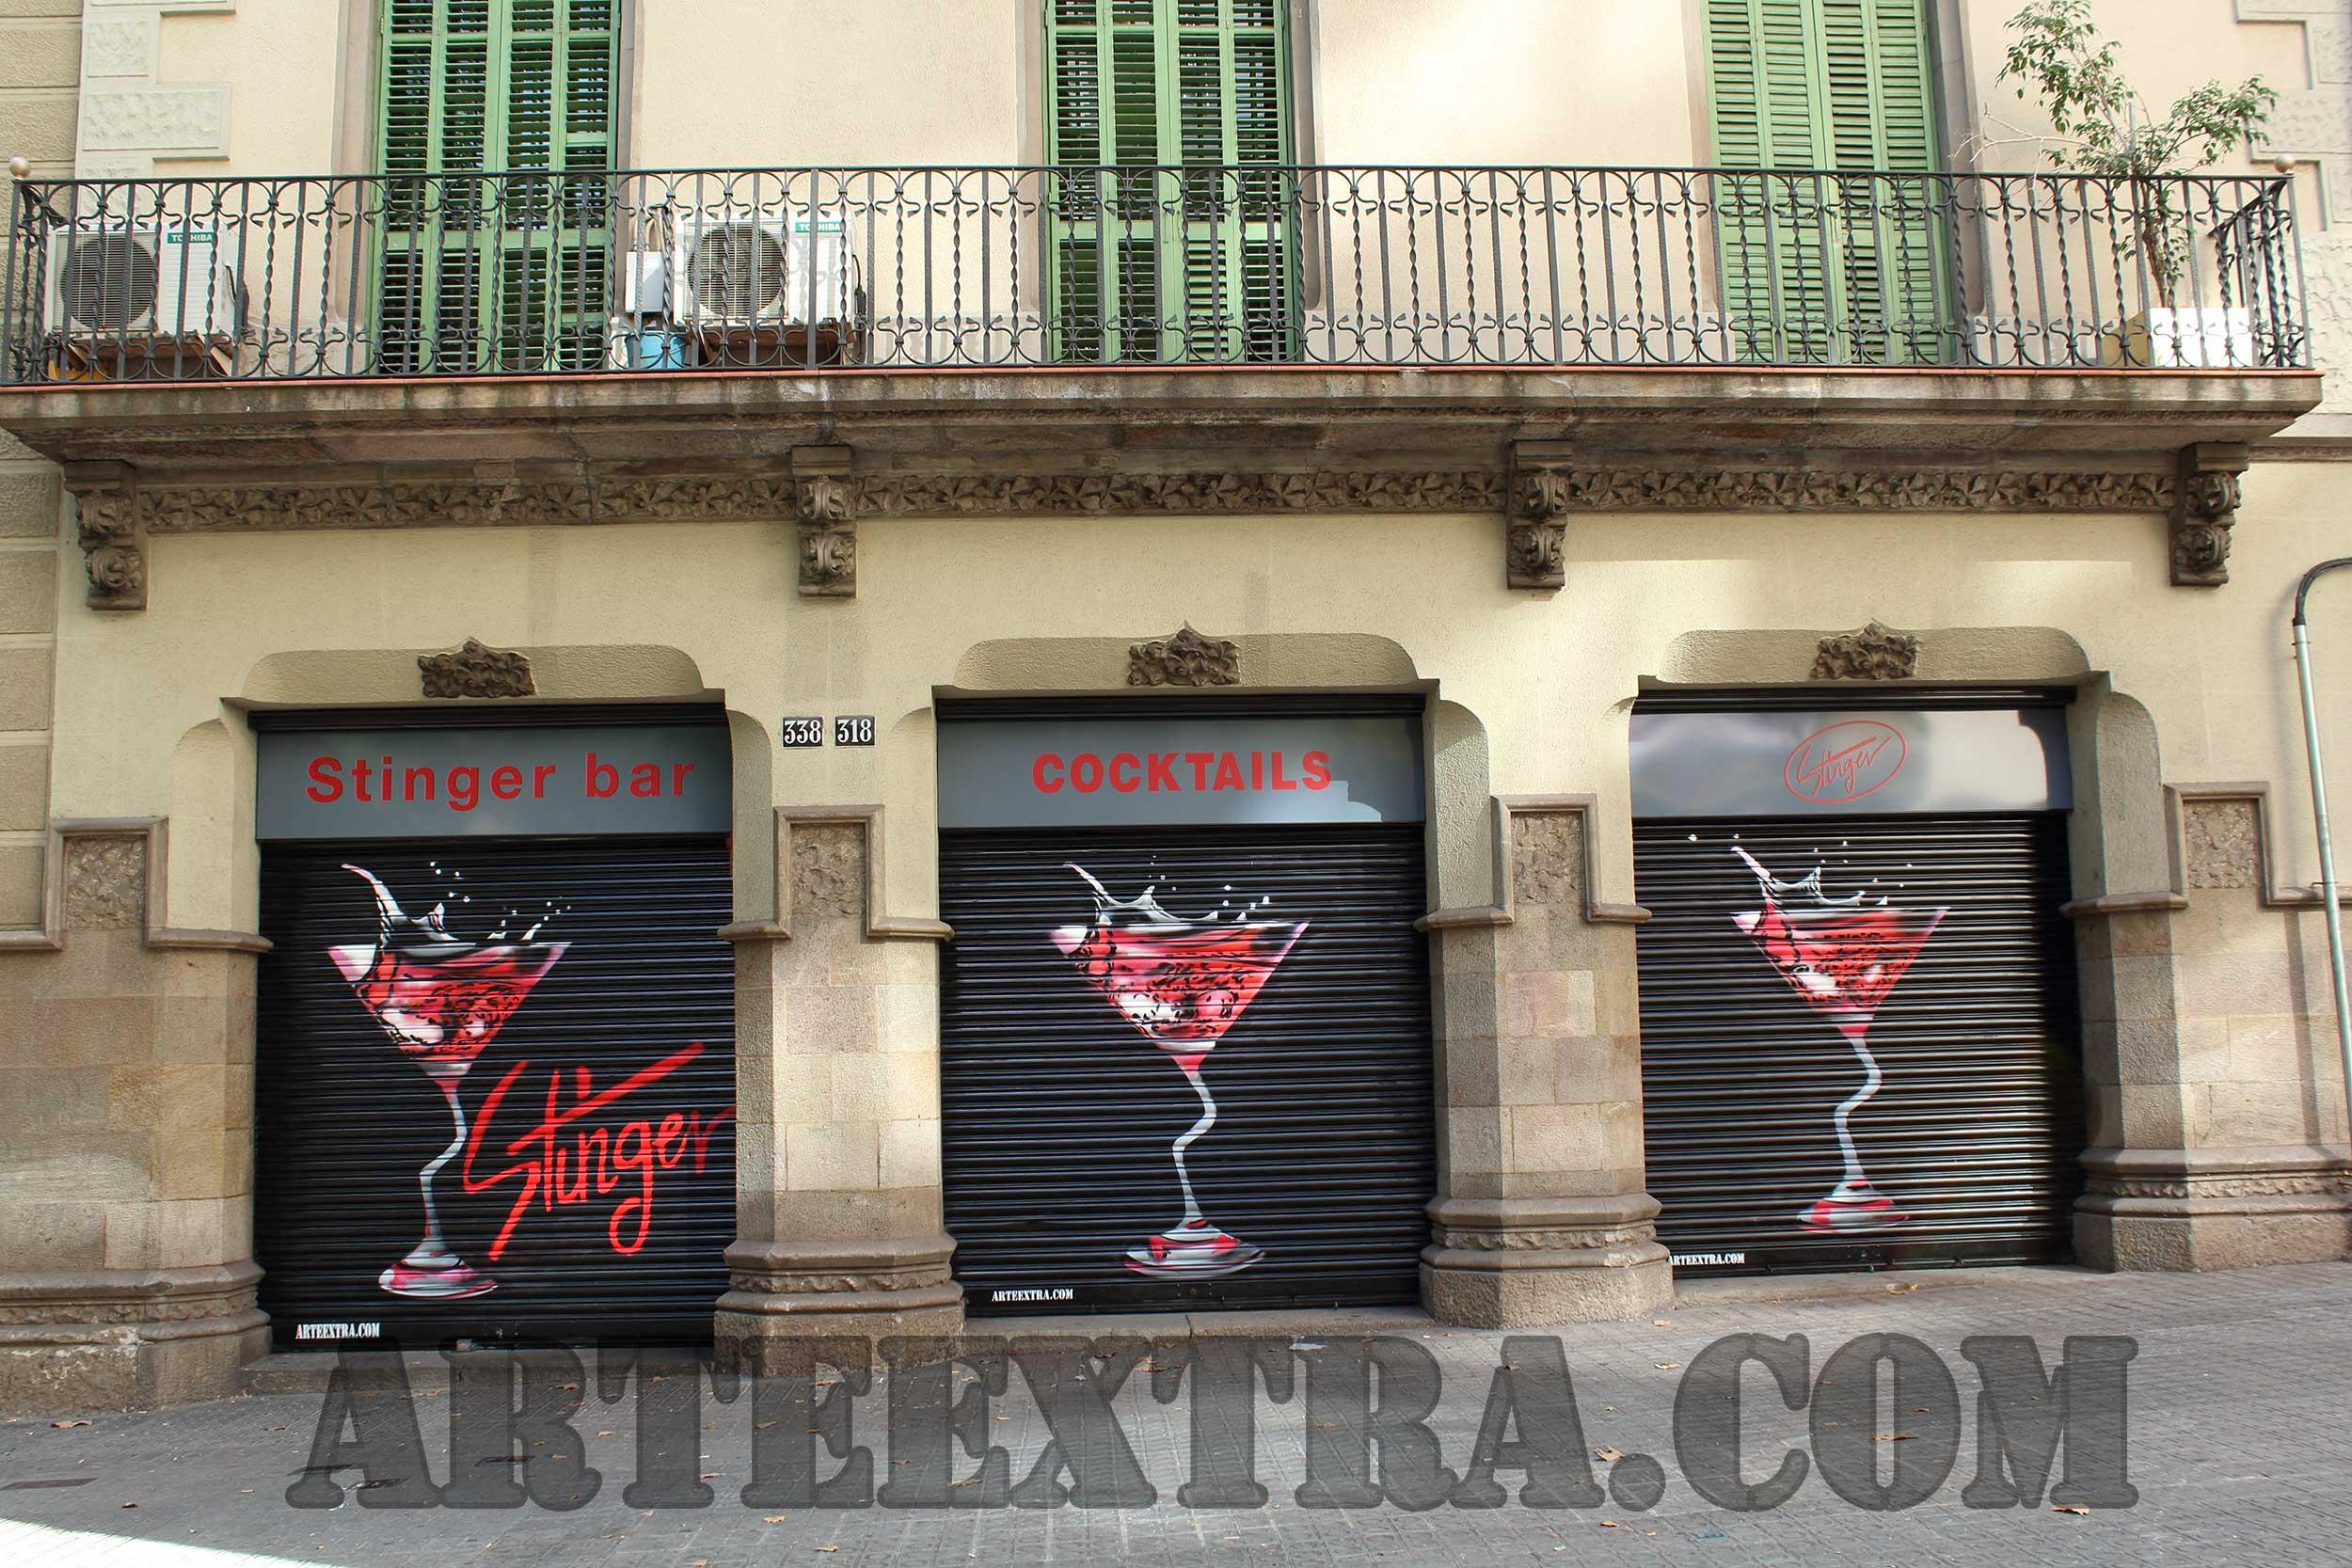 Persianas graffiti decoraci n murales en barcelona arteextra - Persianas en barcelona ...